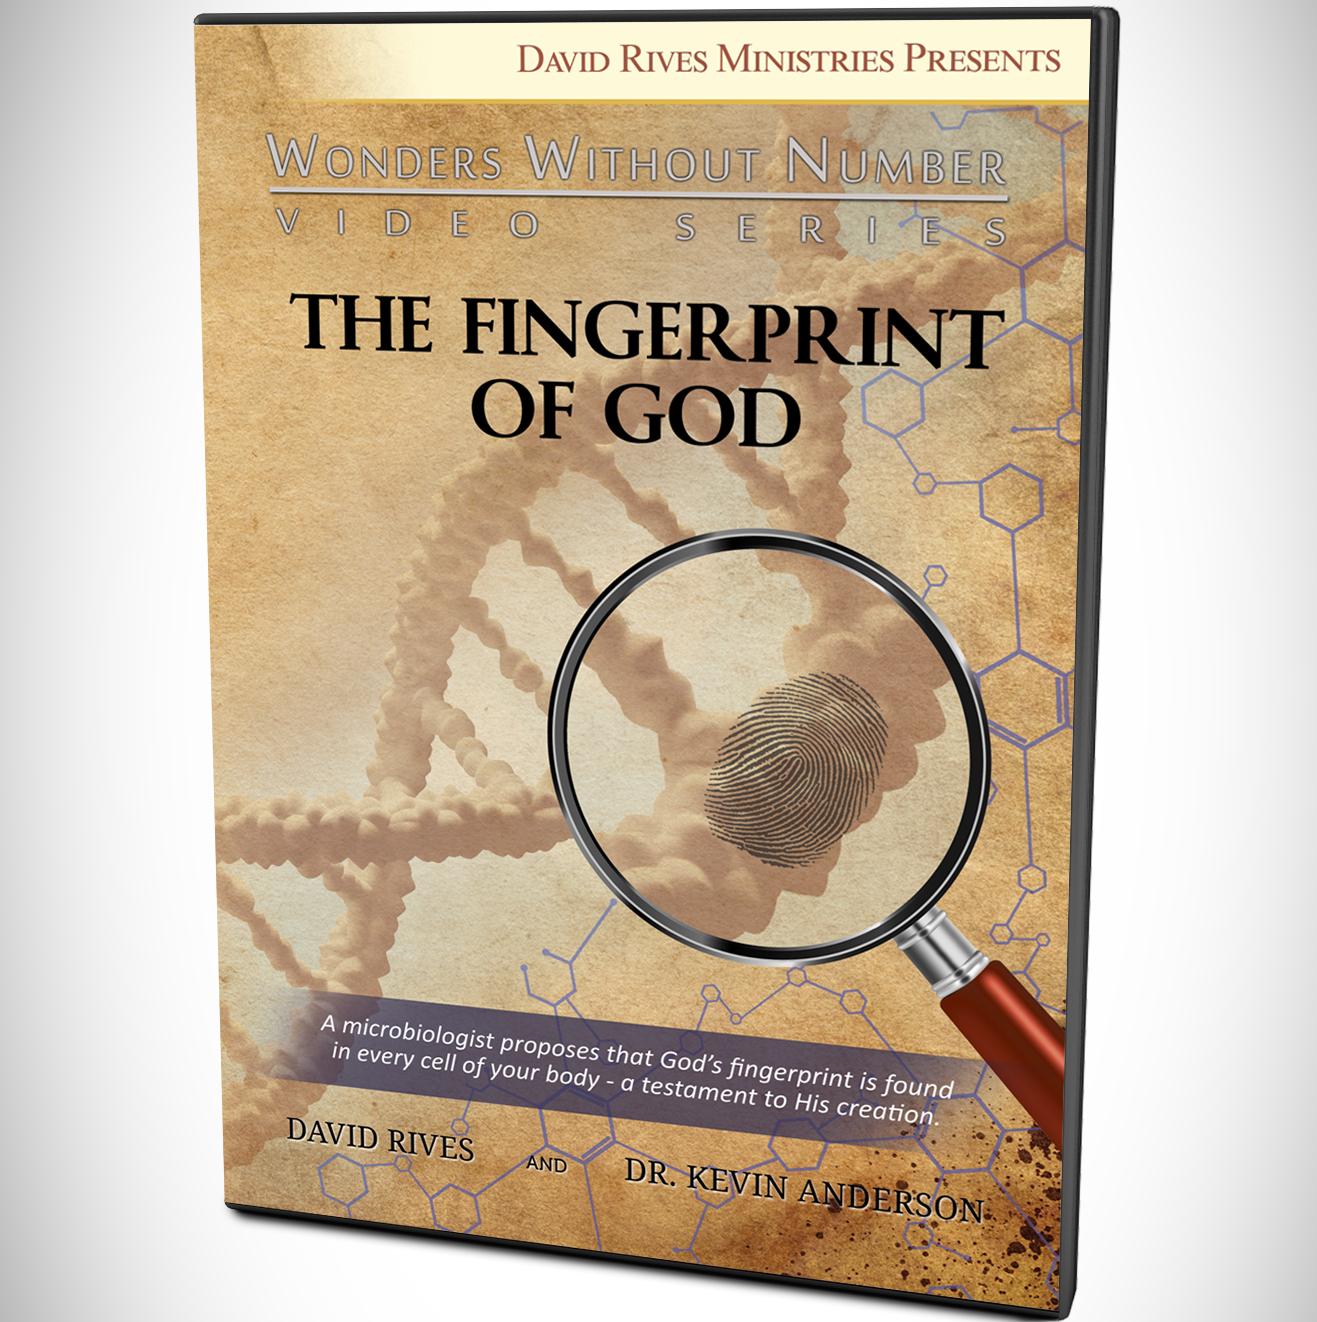 The Fingerprint of God DVD